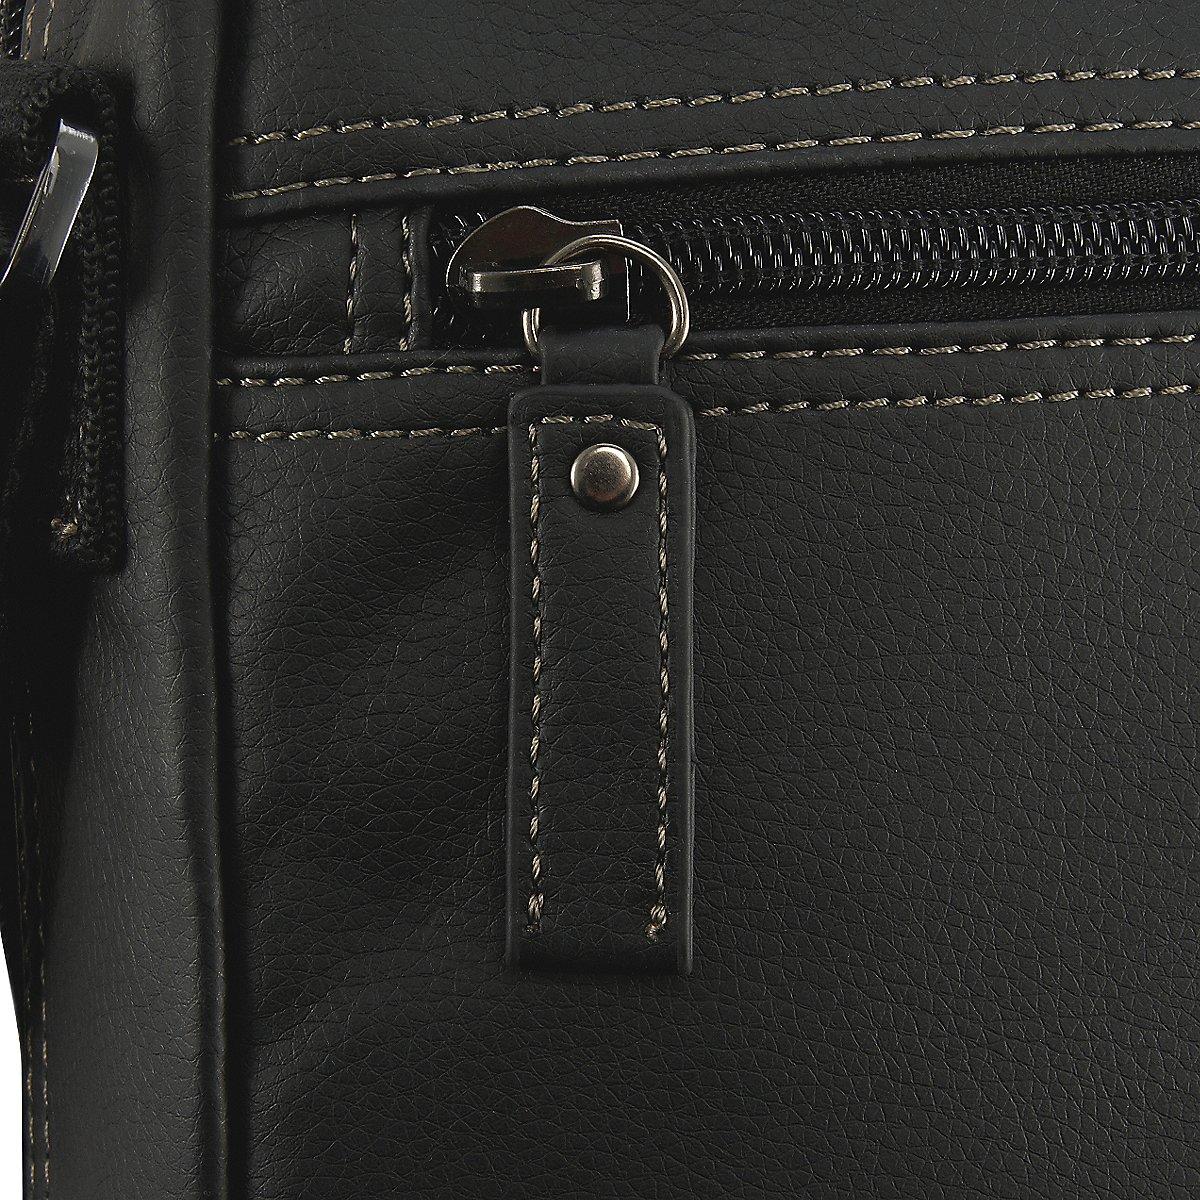 """Echt leren business schoudertas van Chesterfield geschikt voor A4 formaat. Deze veelzijdige tas beschikt over een gewatteerd laptopvak 15"""" in het hoofdvak, het laptopvak sluit met klittenband. Daarnaast zit in het hoofdvak met ritssluiting een tabletvak, 2 ritsvakken, penvakjes, een smartphone vakje en 2 steekvakjes. Naast het hoofdvak heeft de tas veel opbergmogelijkheden, 2 voorvakken met magneetsluiting, 3 voorvakken met ritssluiting en een achtervak met ritssluiting."""